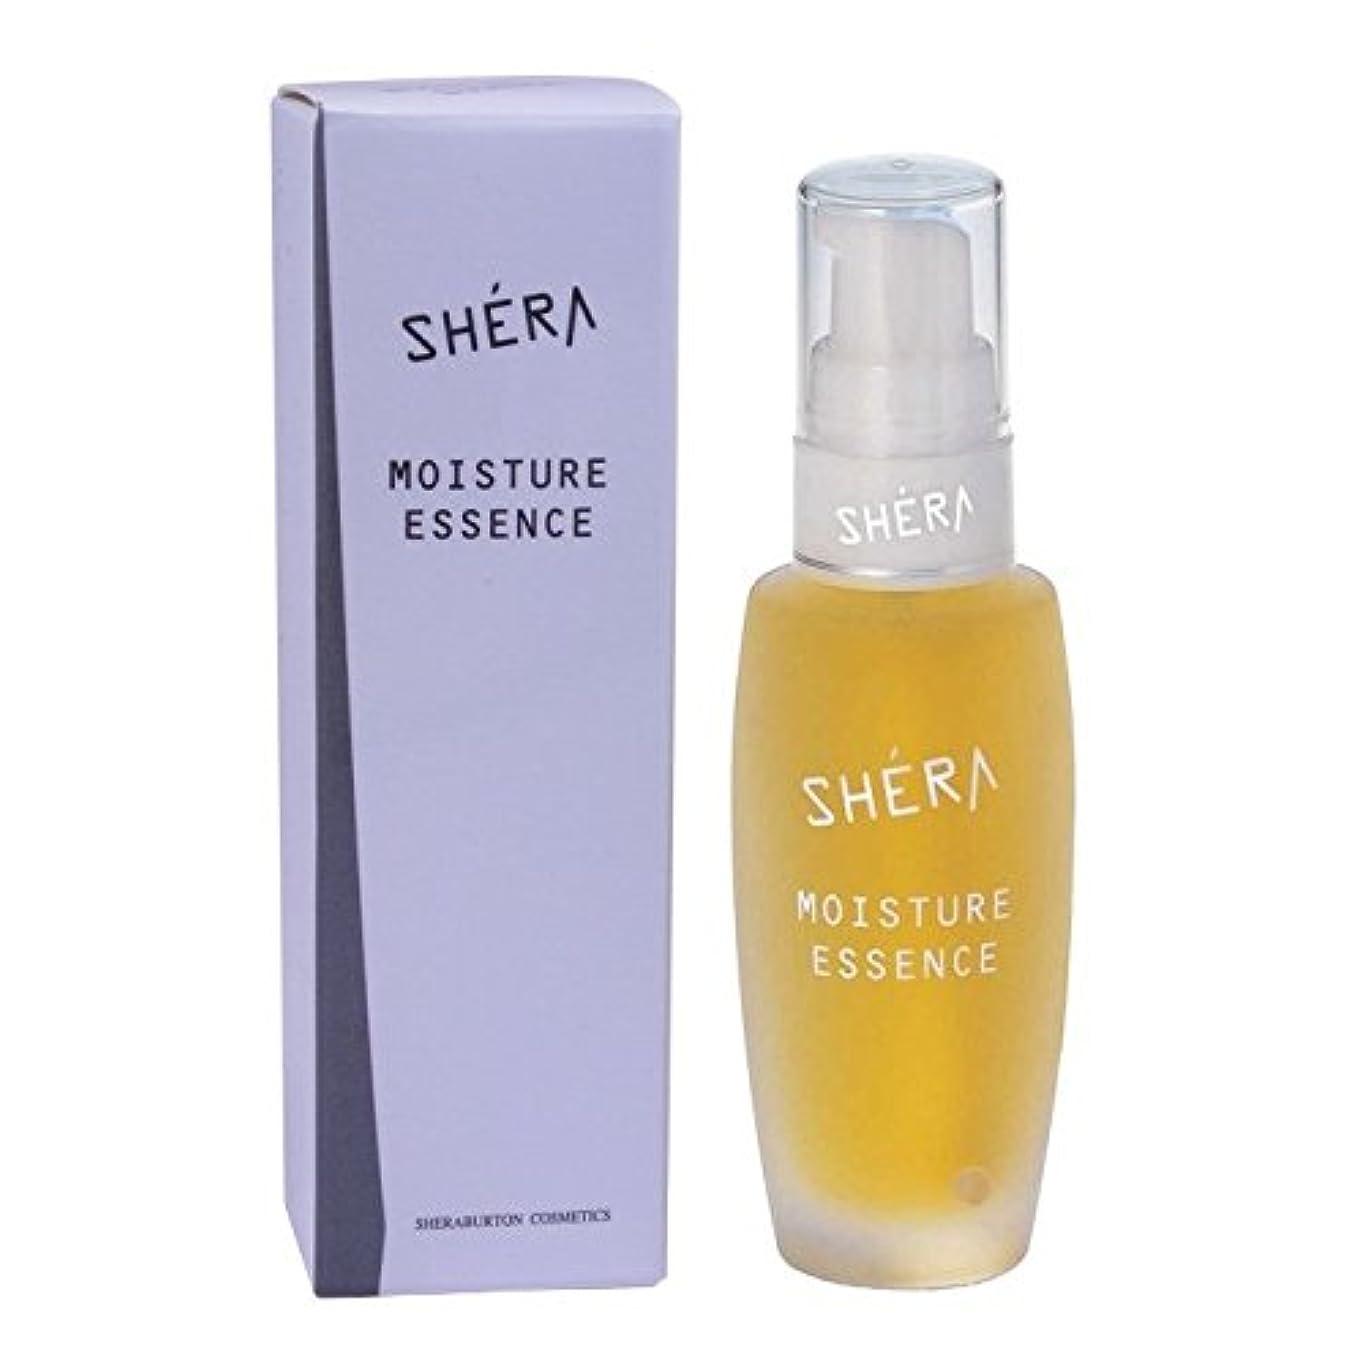 欠伸名前解決するSHERA シェラバートン シェラモイスチャーエッセンス(美容液)32ml